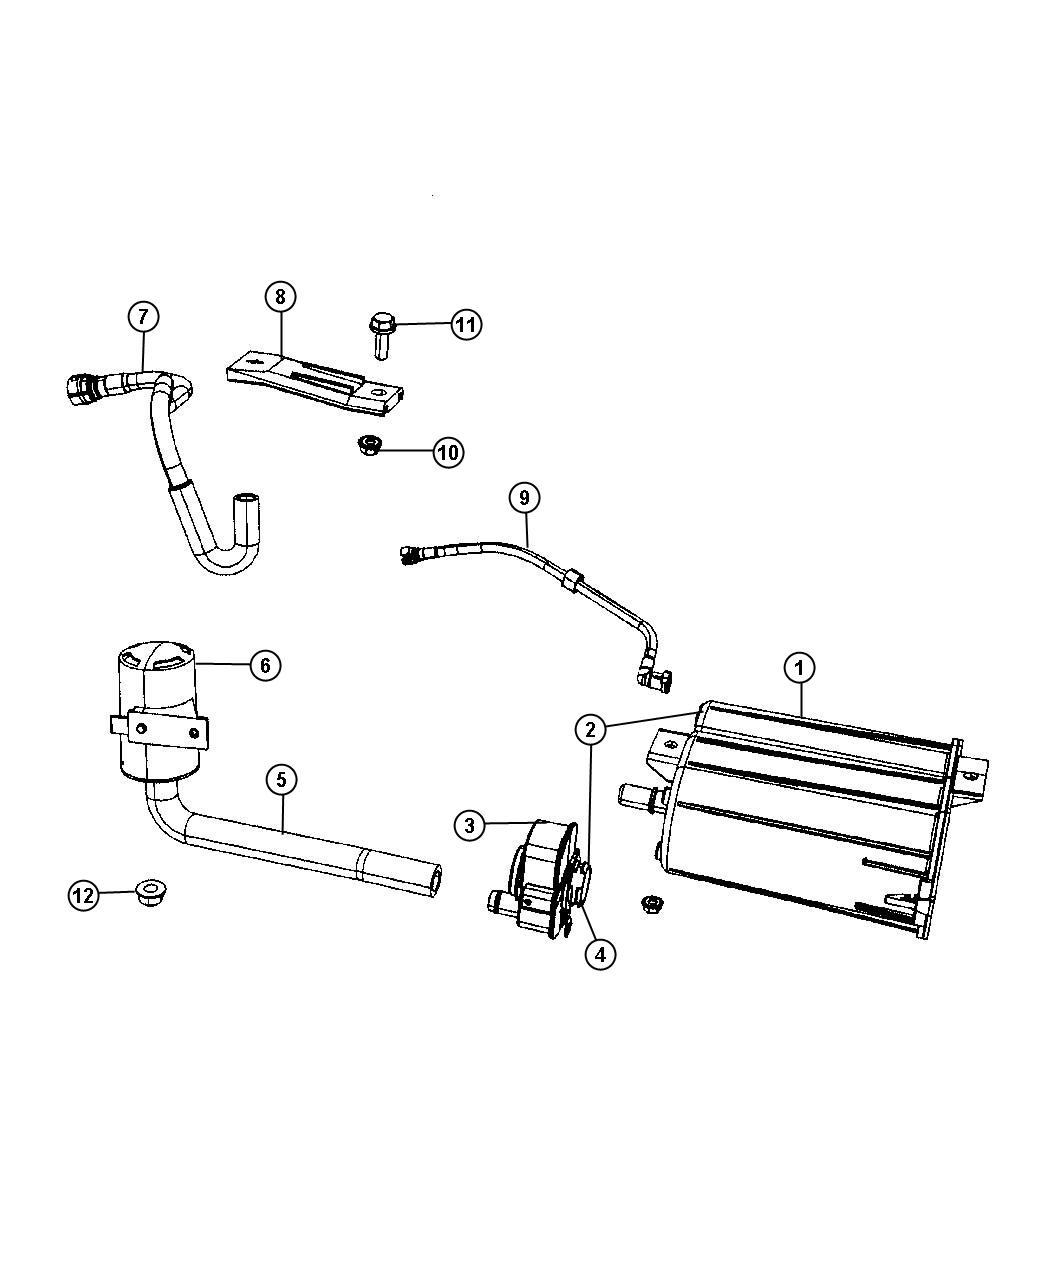 2011 Dodge Caliber Hose. Fuel tank vent line, fuel vapor